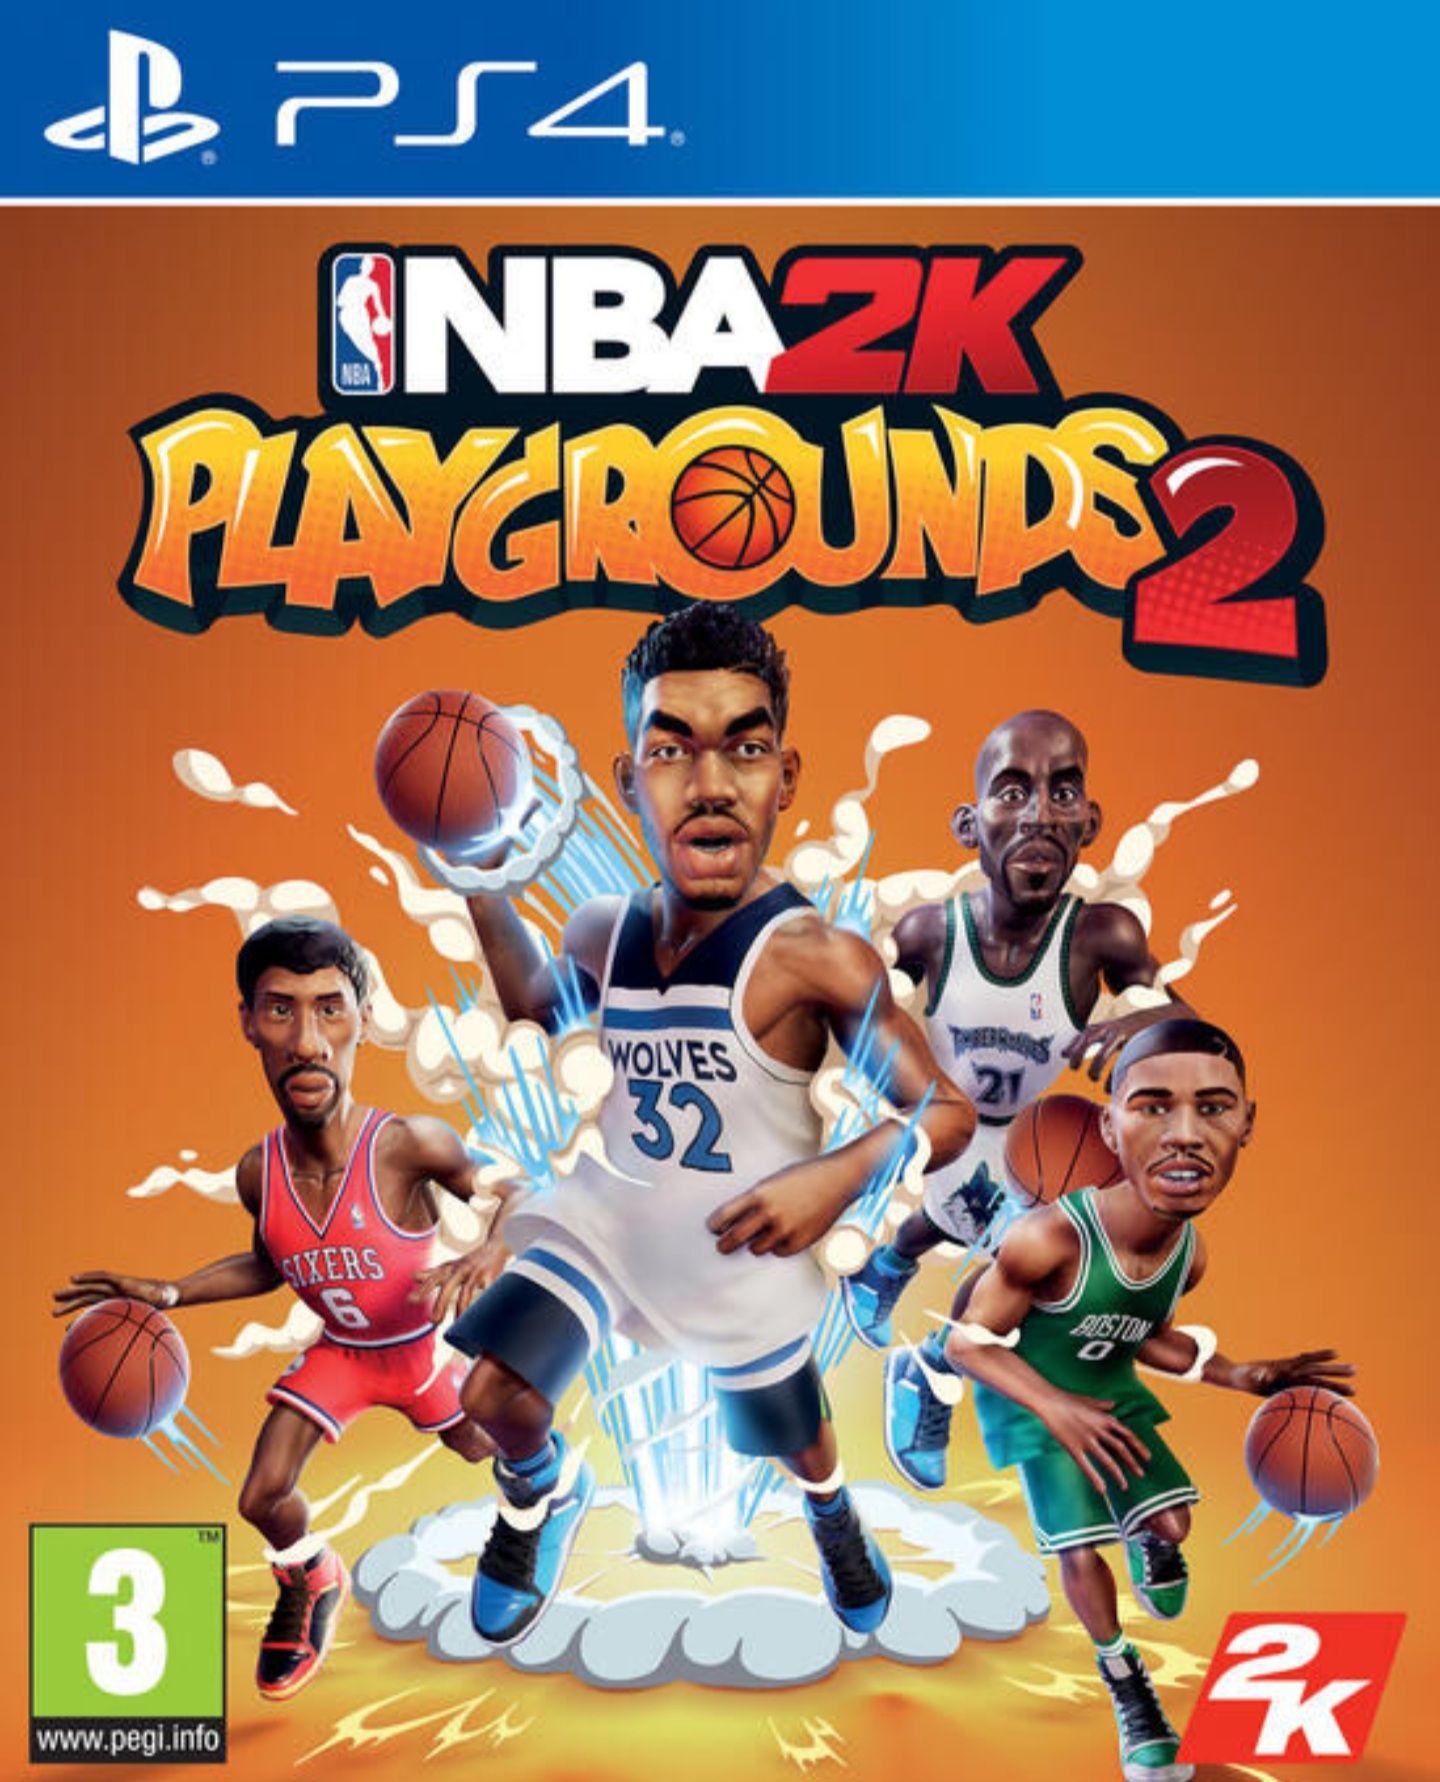 NBA 2K Playgrounds 2 sur PS4